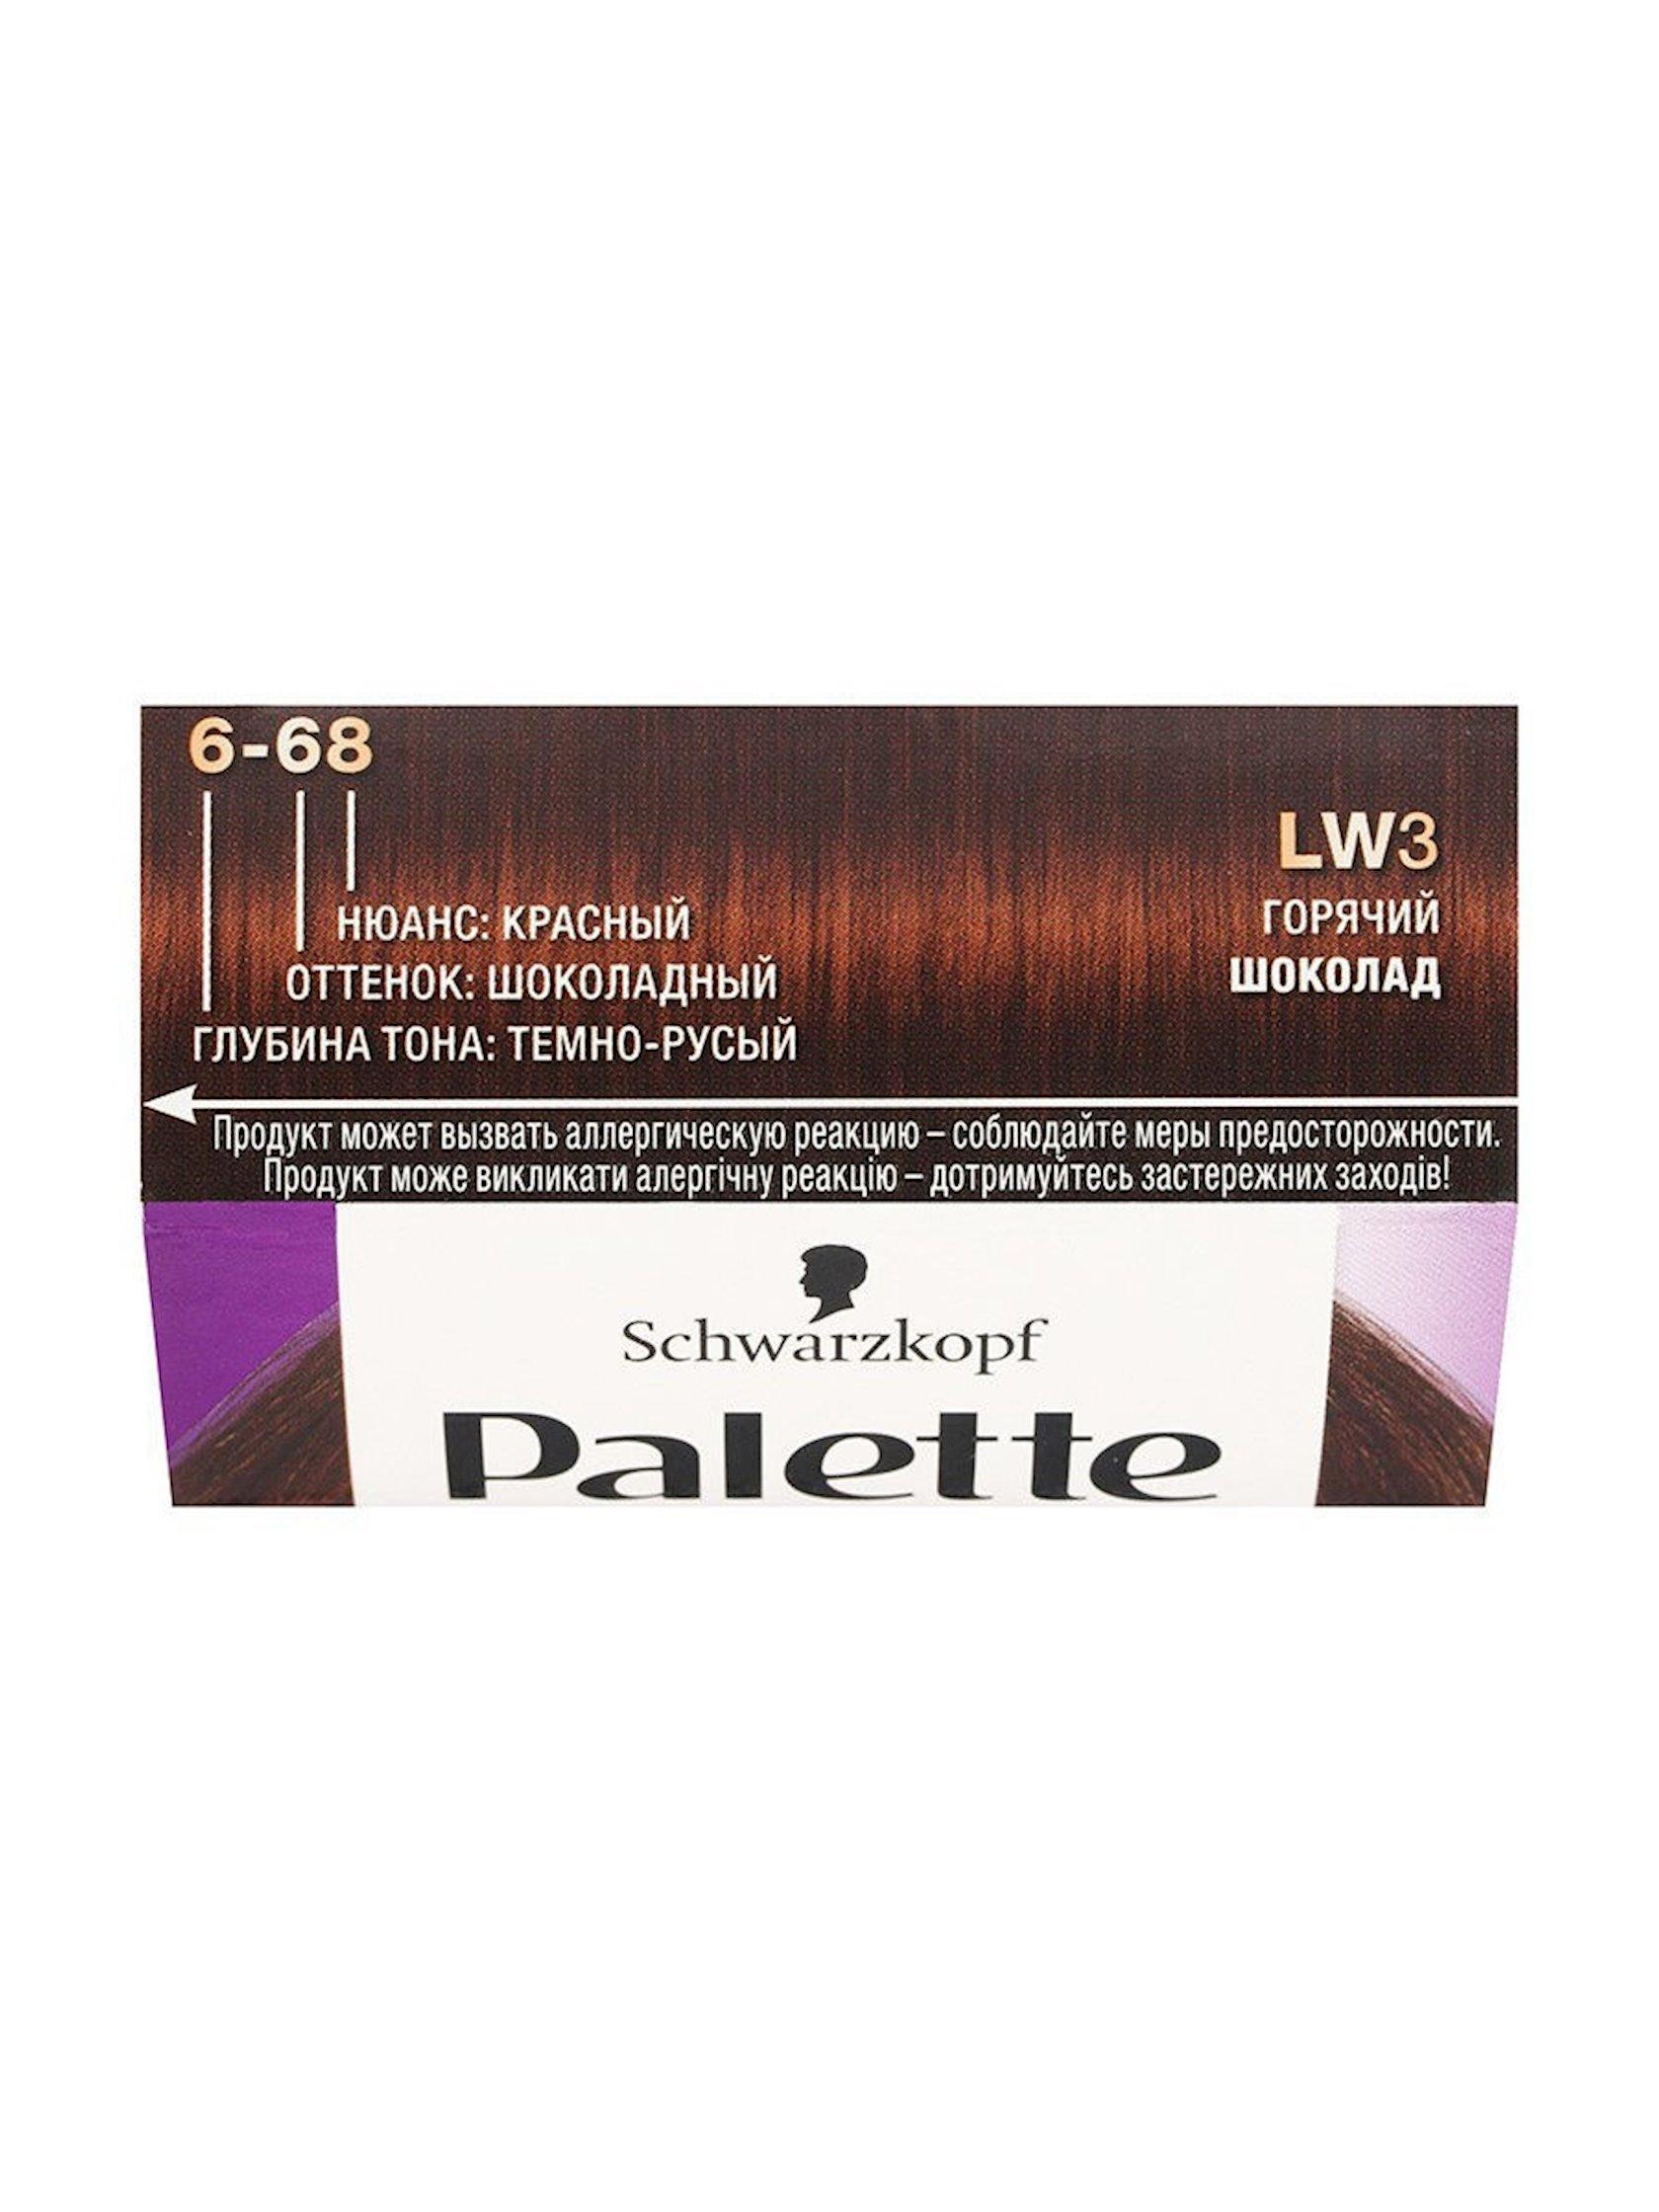 Saç üçün qalıcı krem-boya Palette LW3 6-68 İsti şokolad